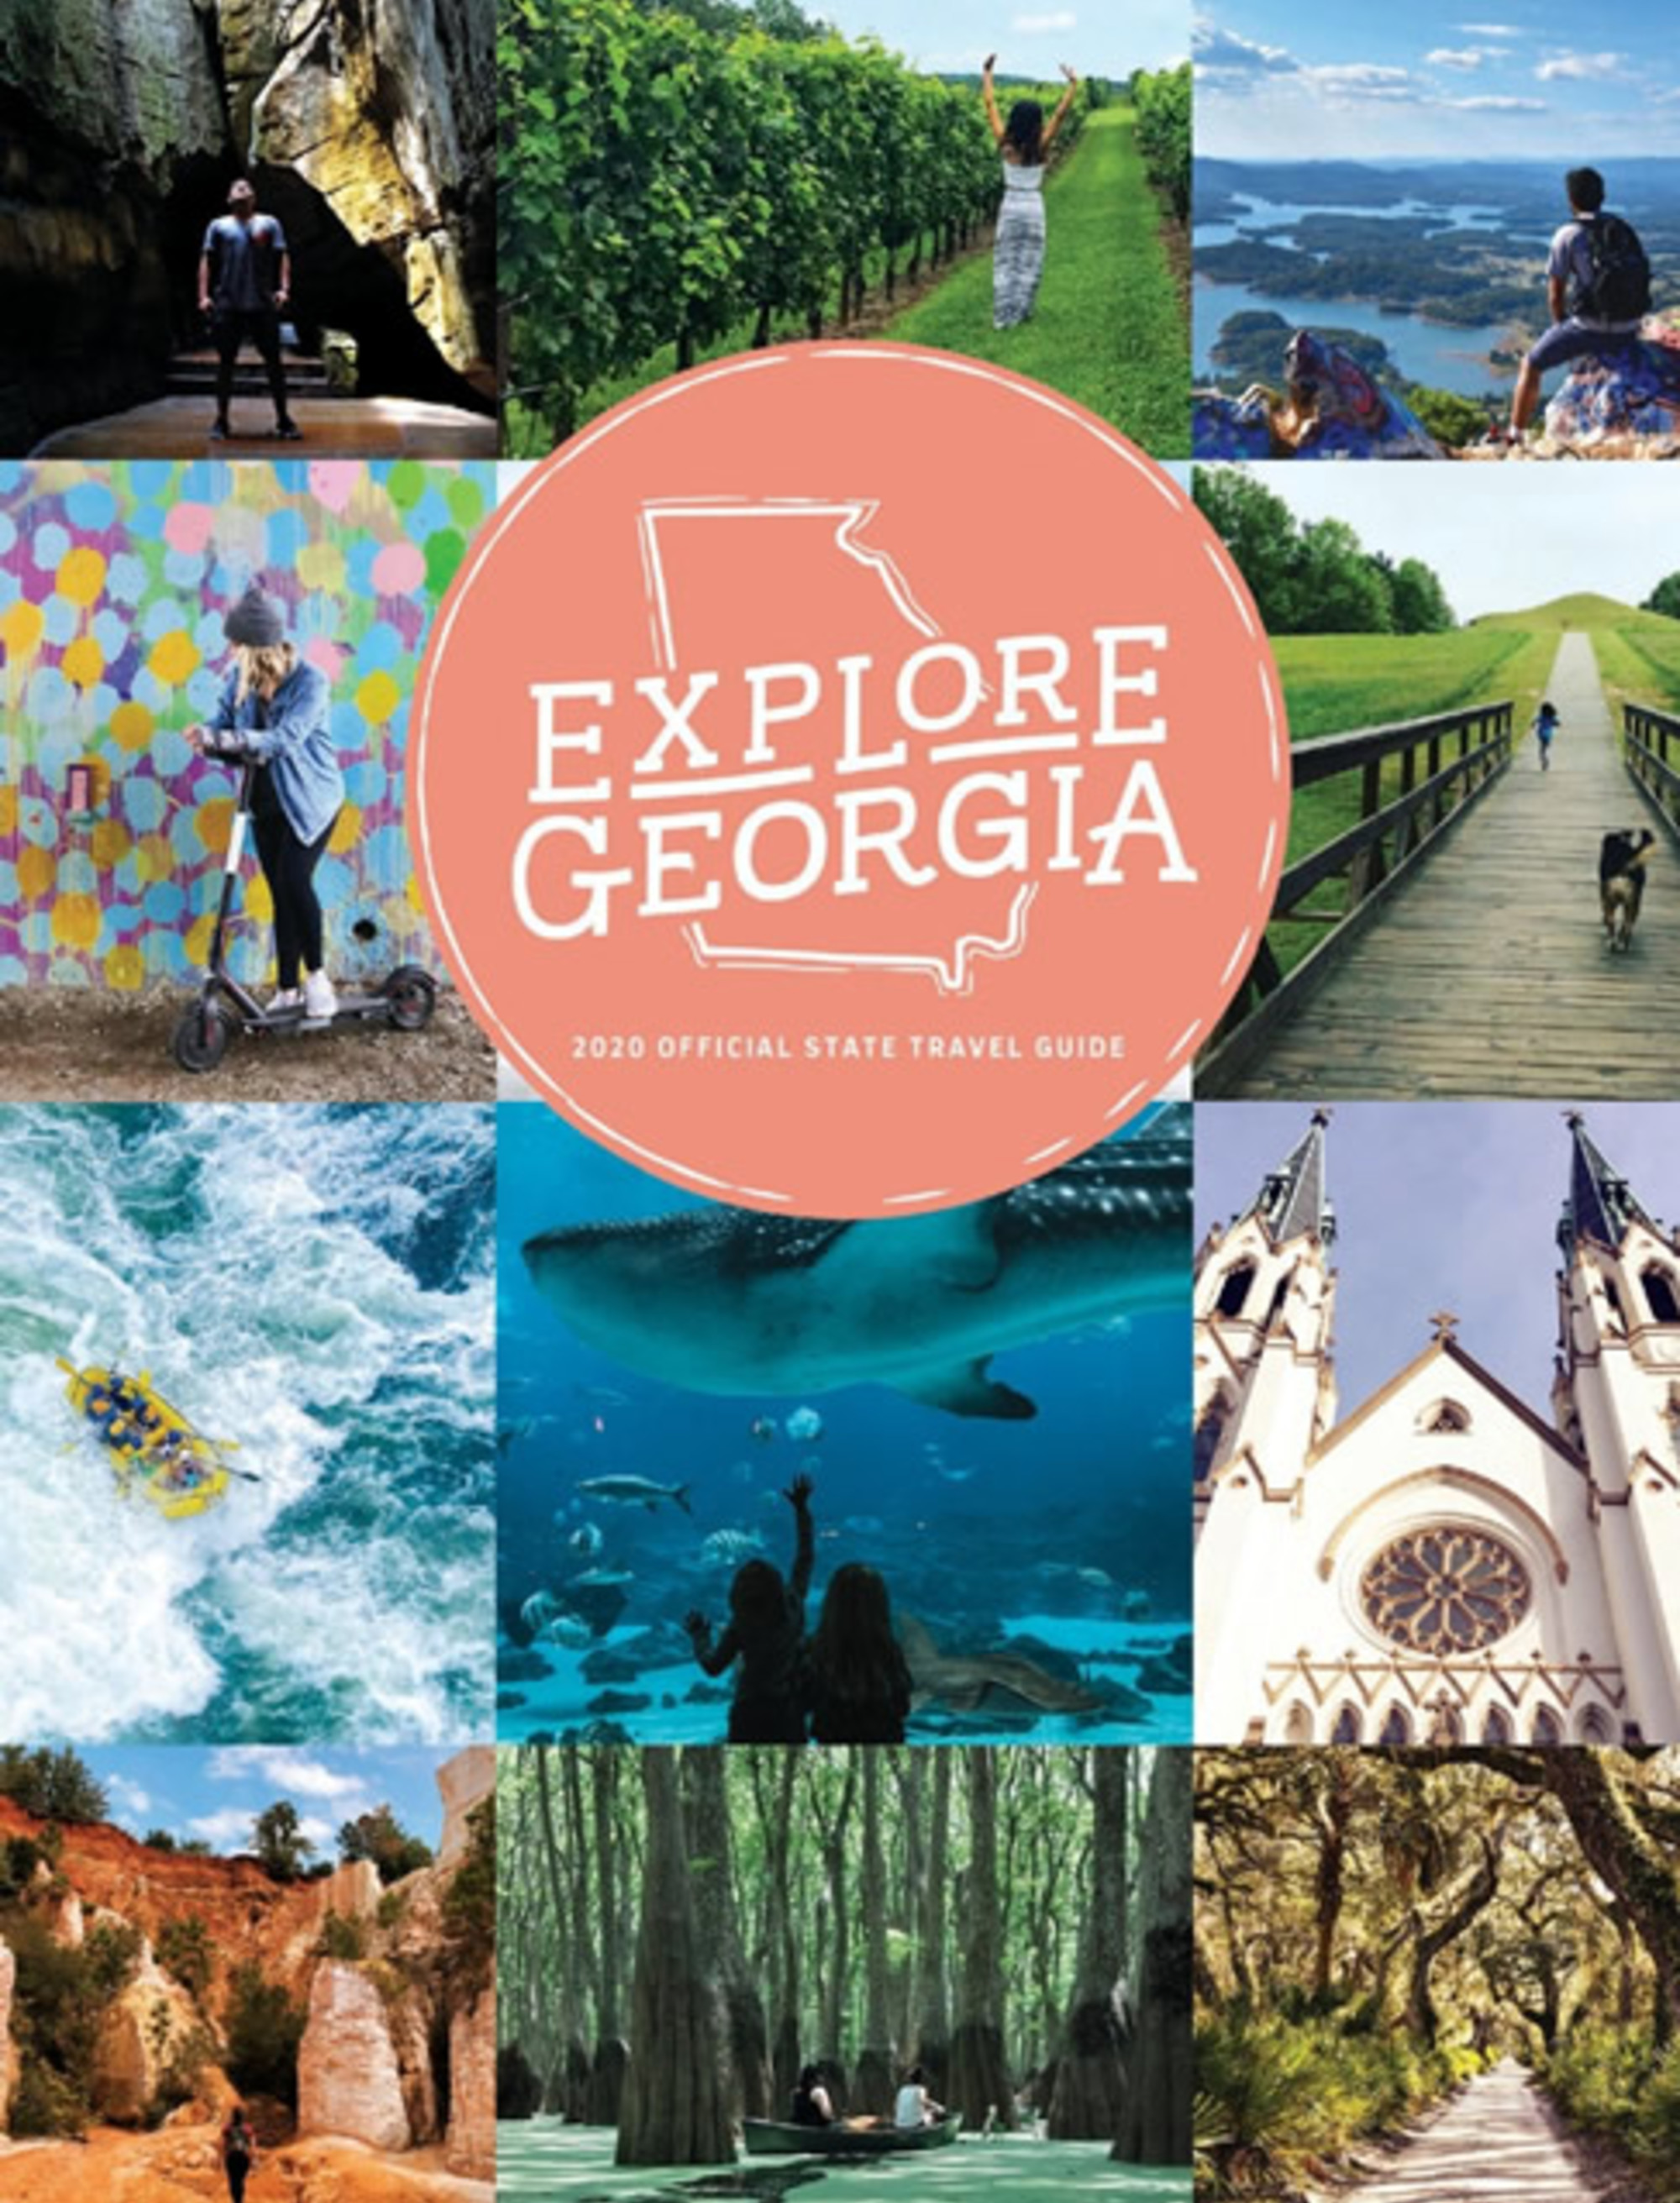 Free Georgia Travel Guide Official Georgia Tourism Travel Website Explore Georgia Org